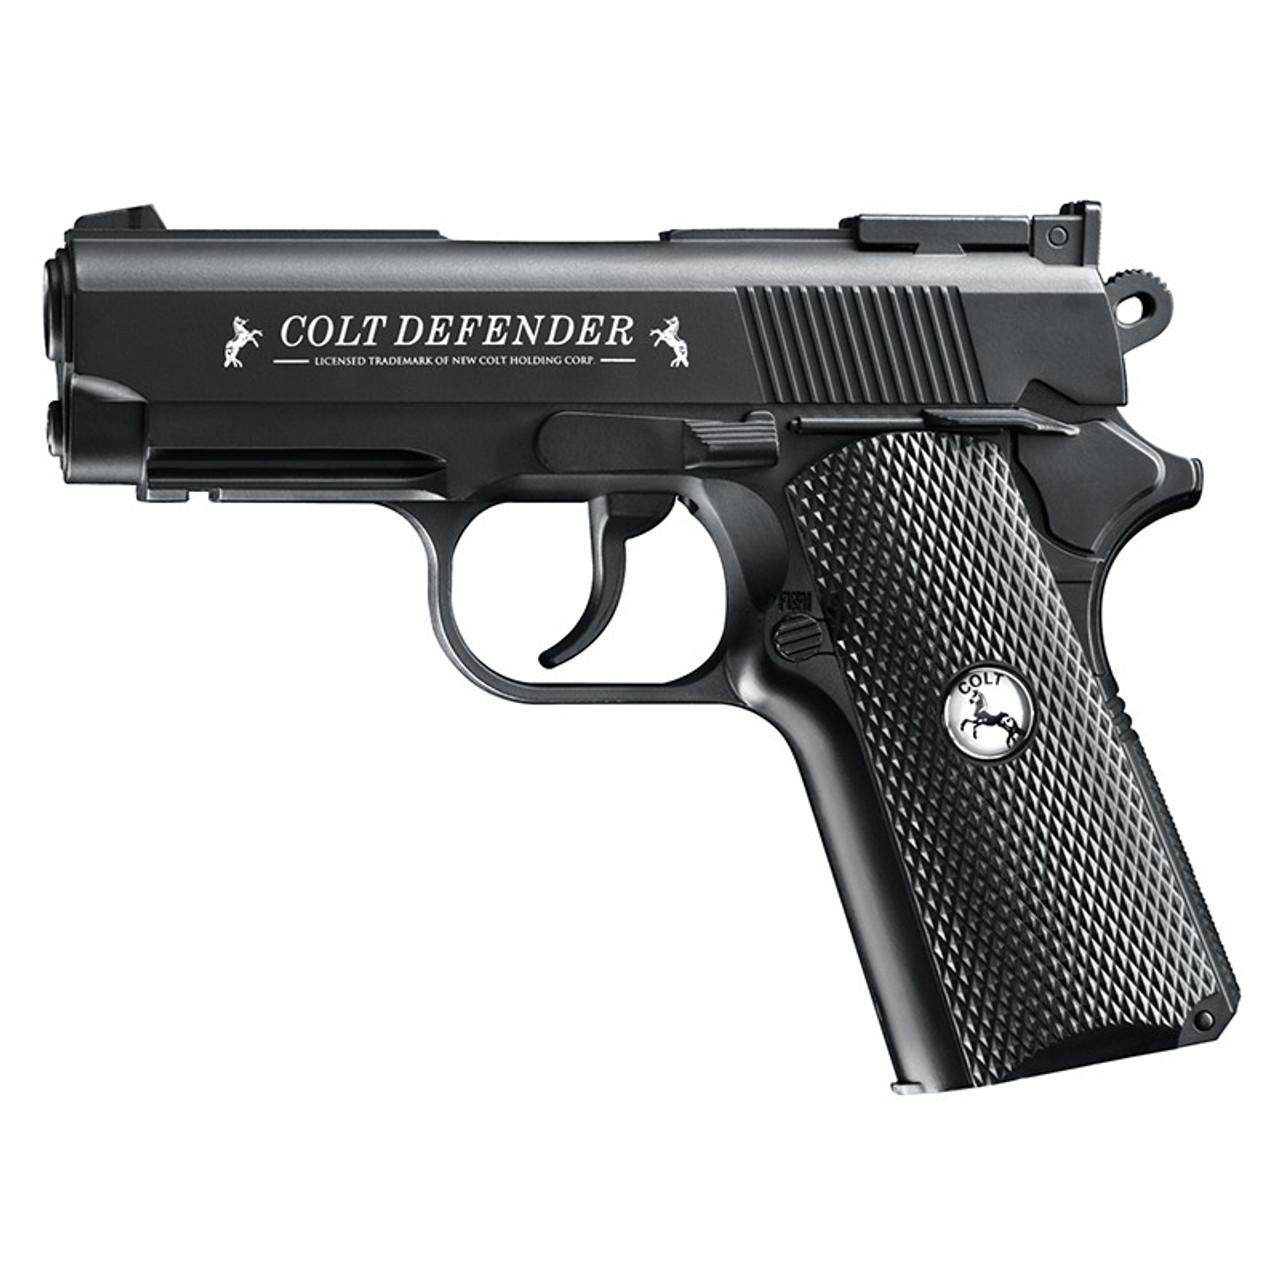 Best price for Colt defender, on sale at Bradford Stalker